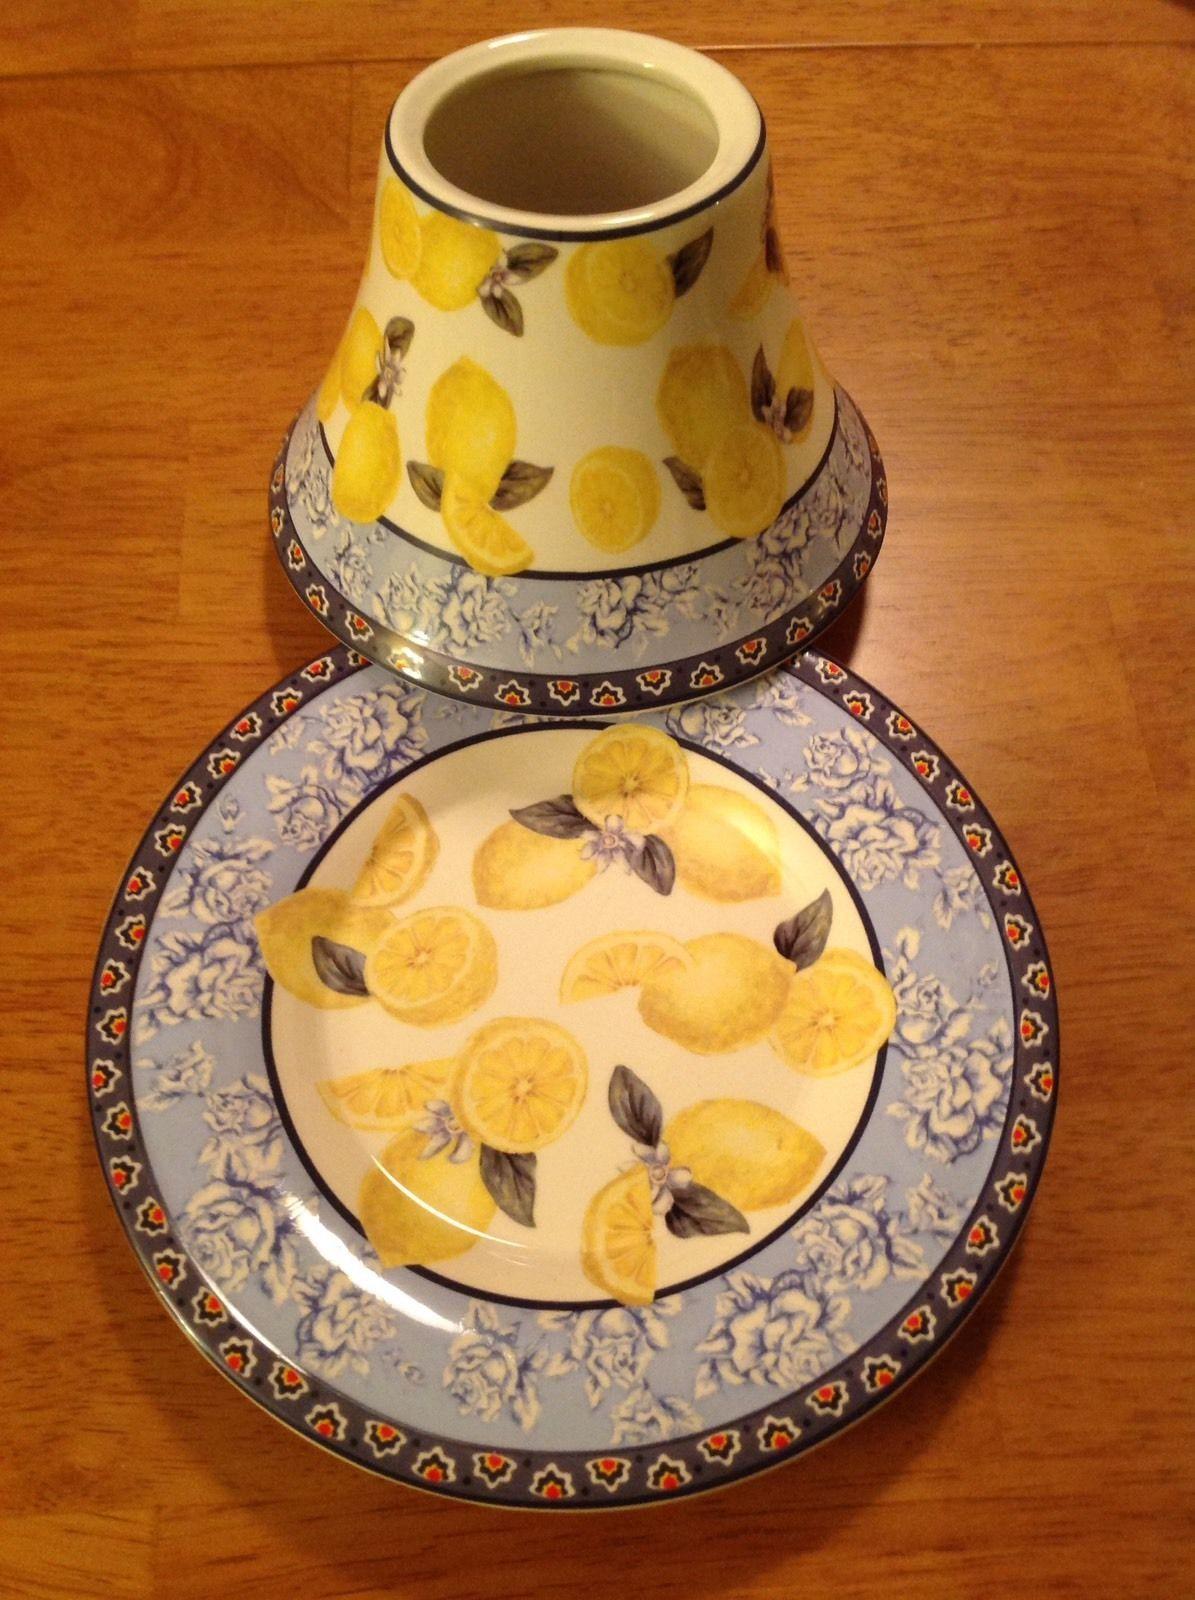 Yankee candle citrus lemons large jar candle plate and shade euc